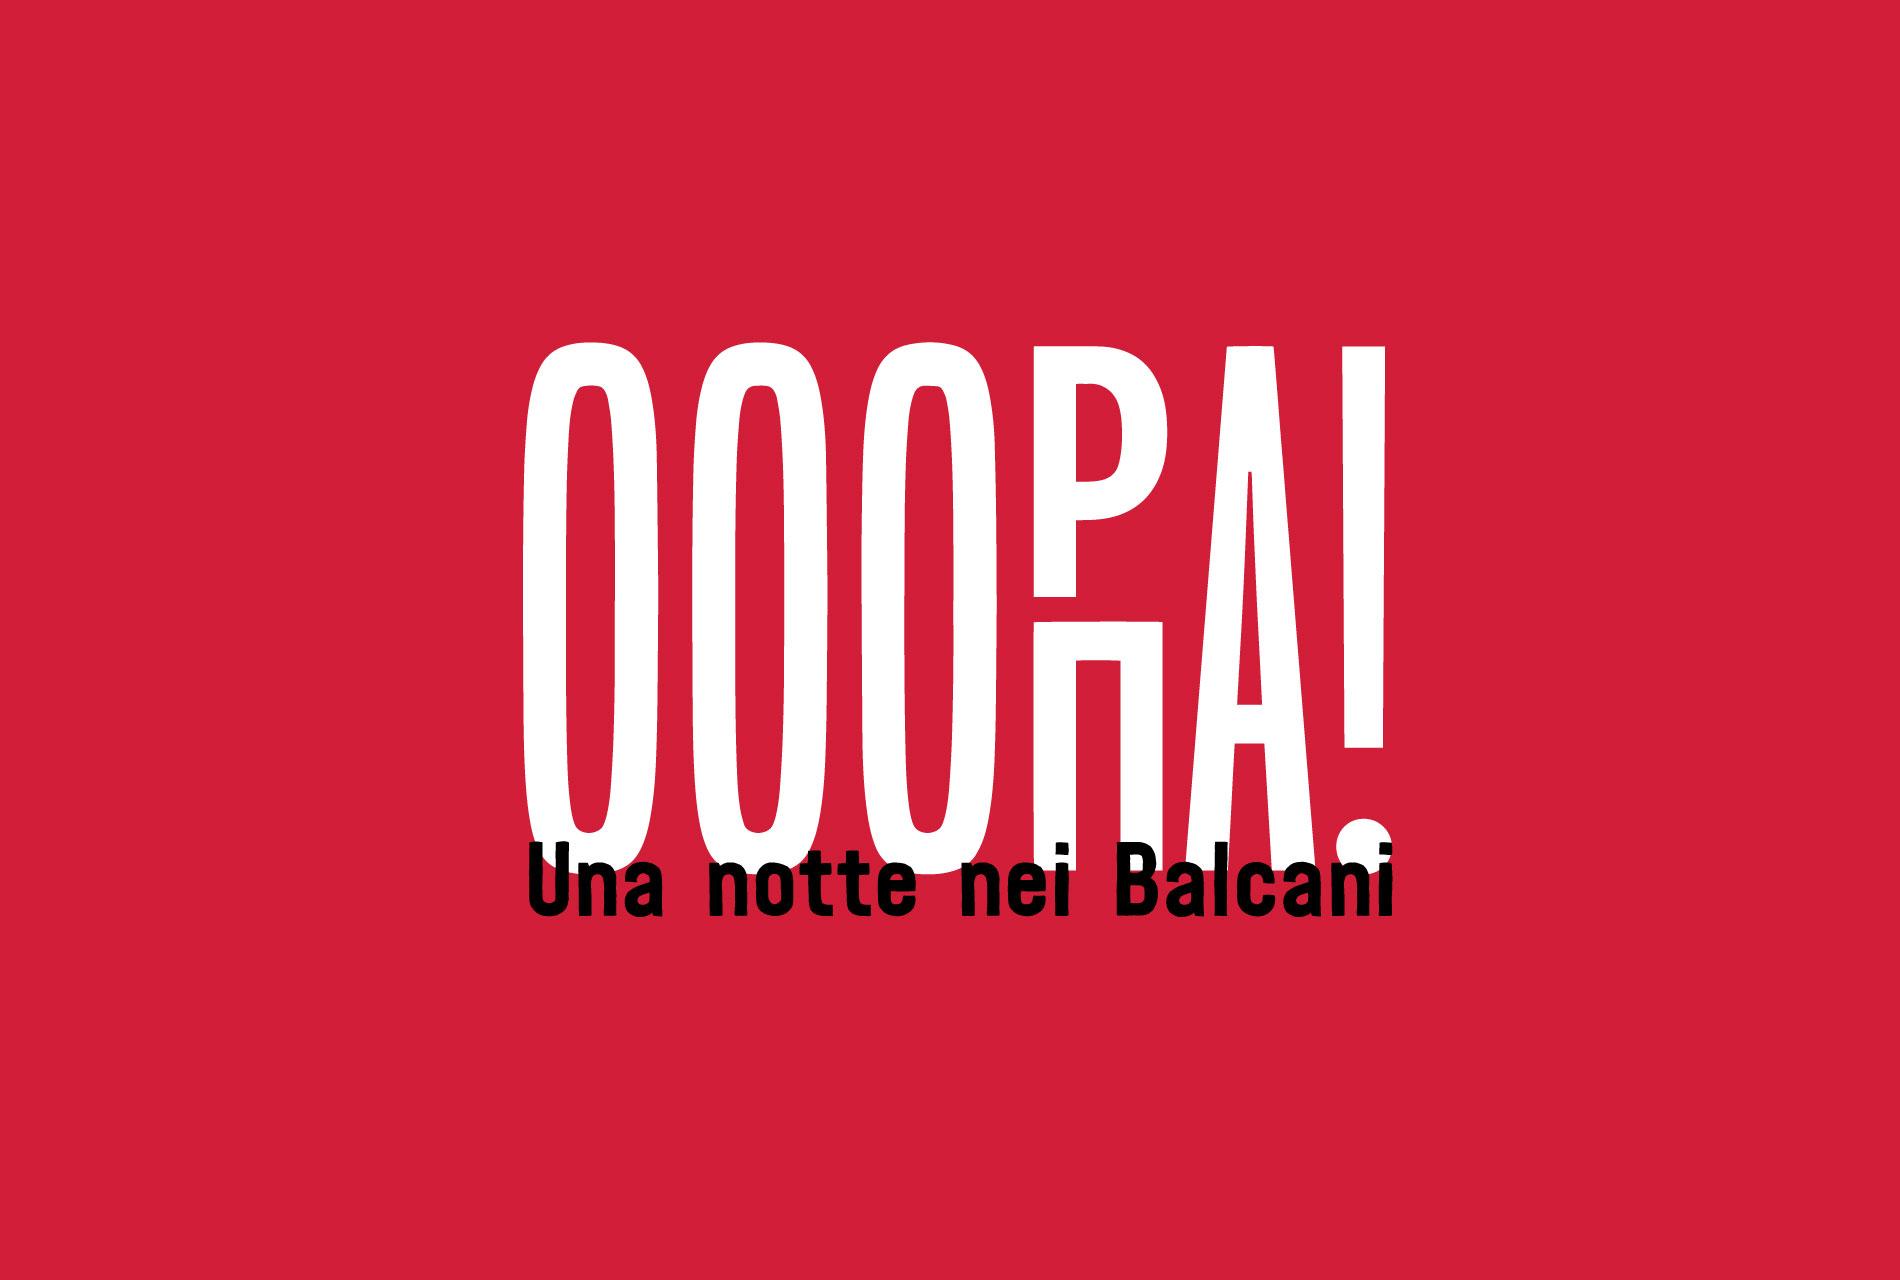 ooopa